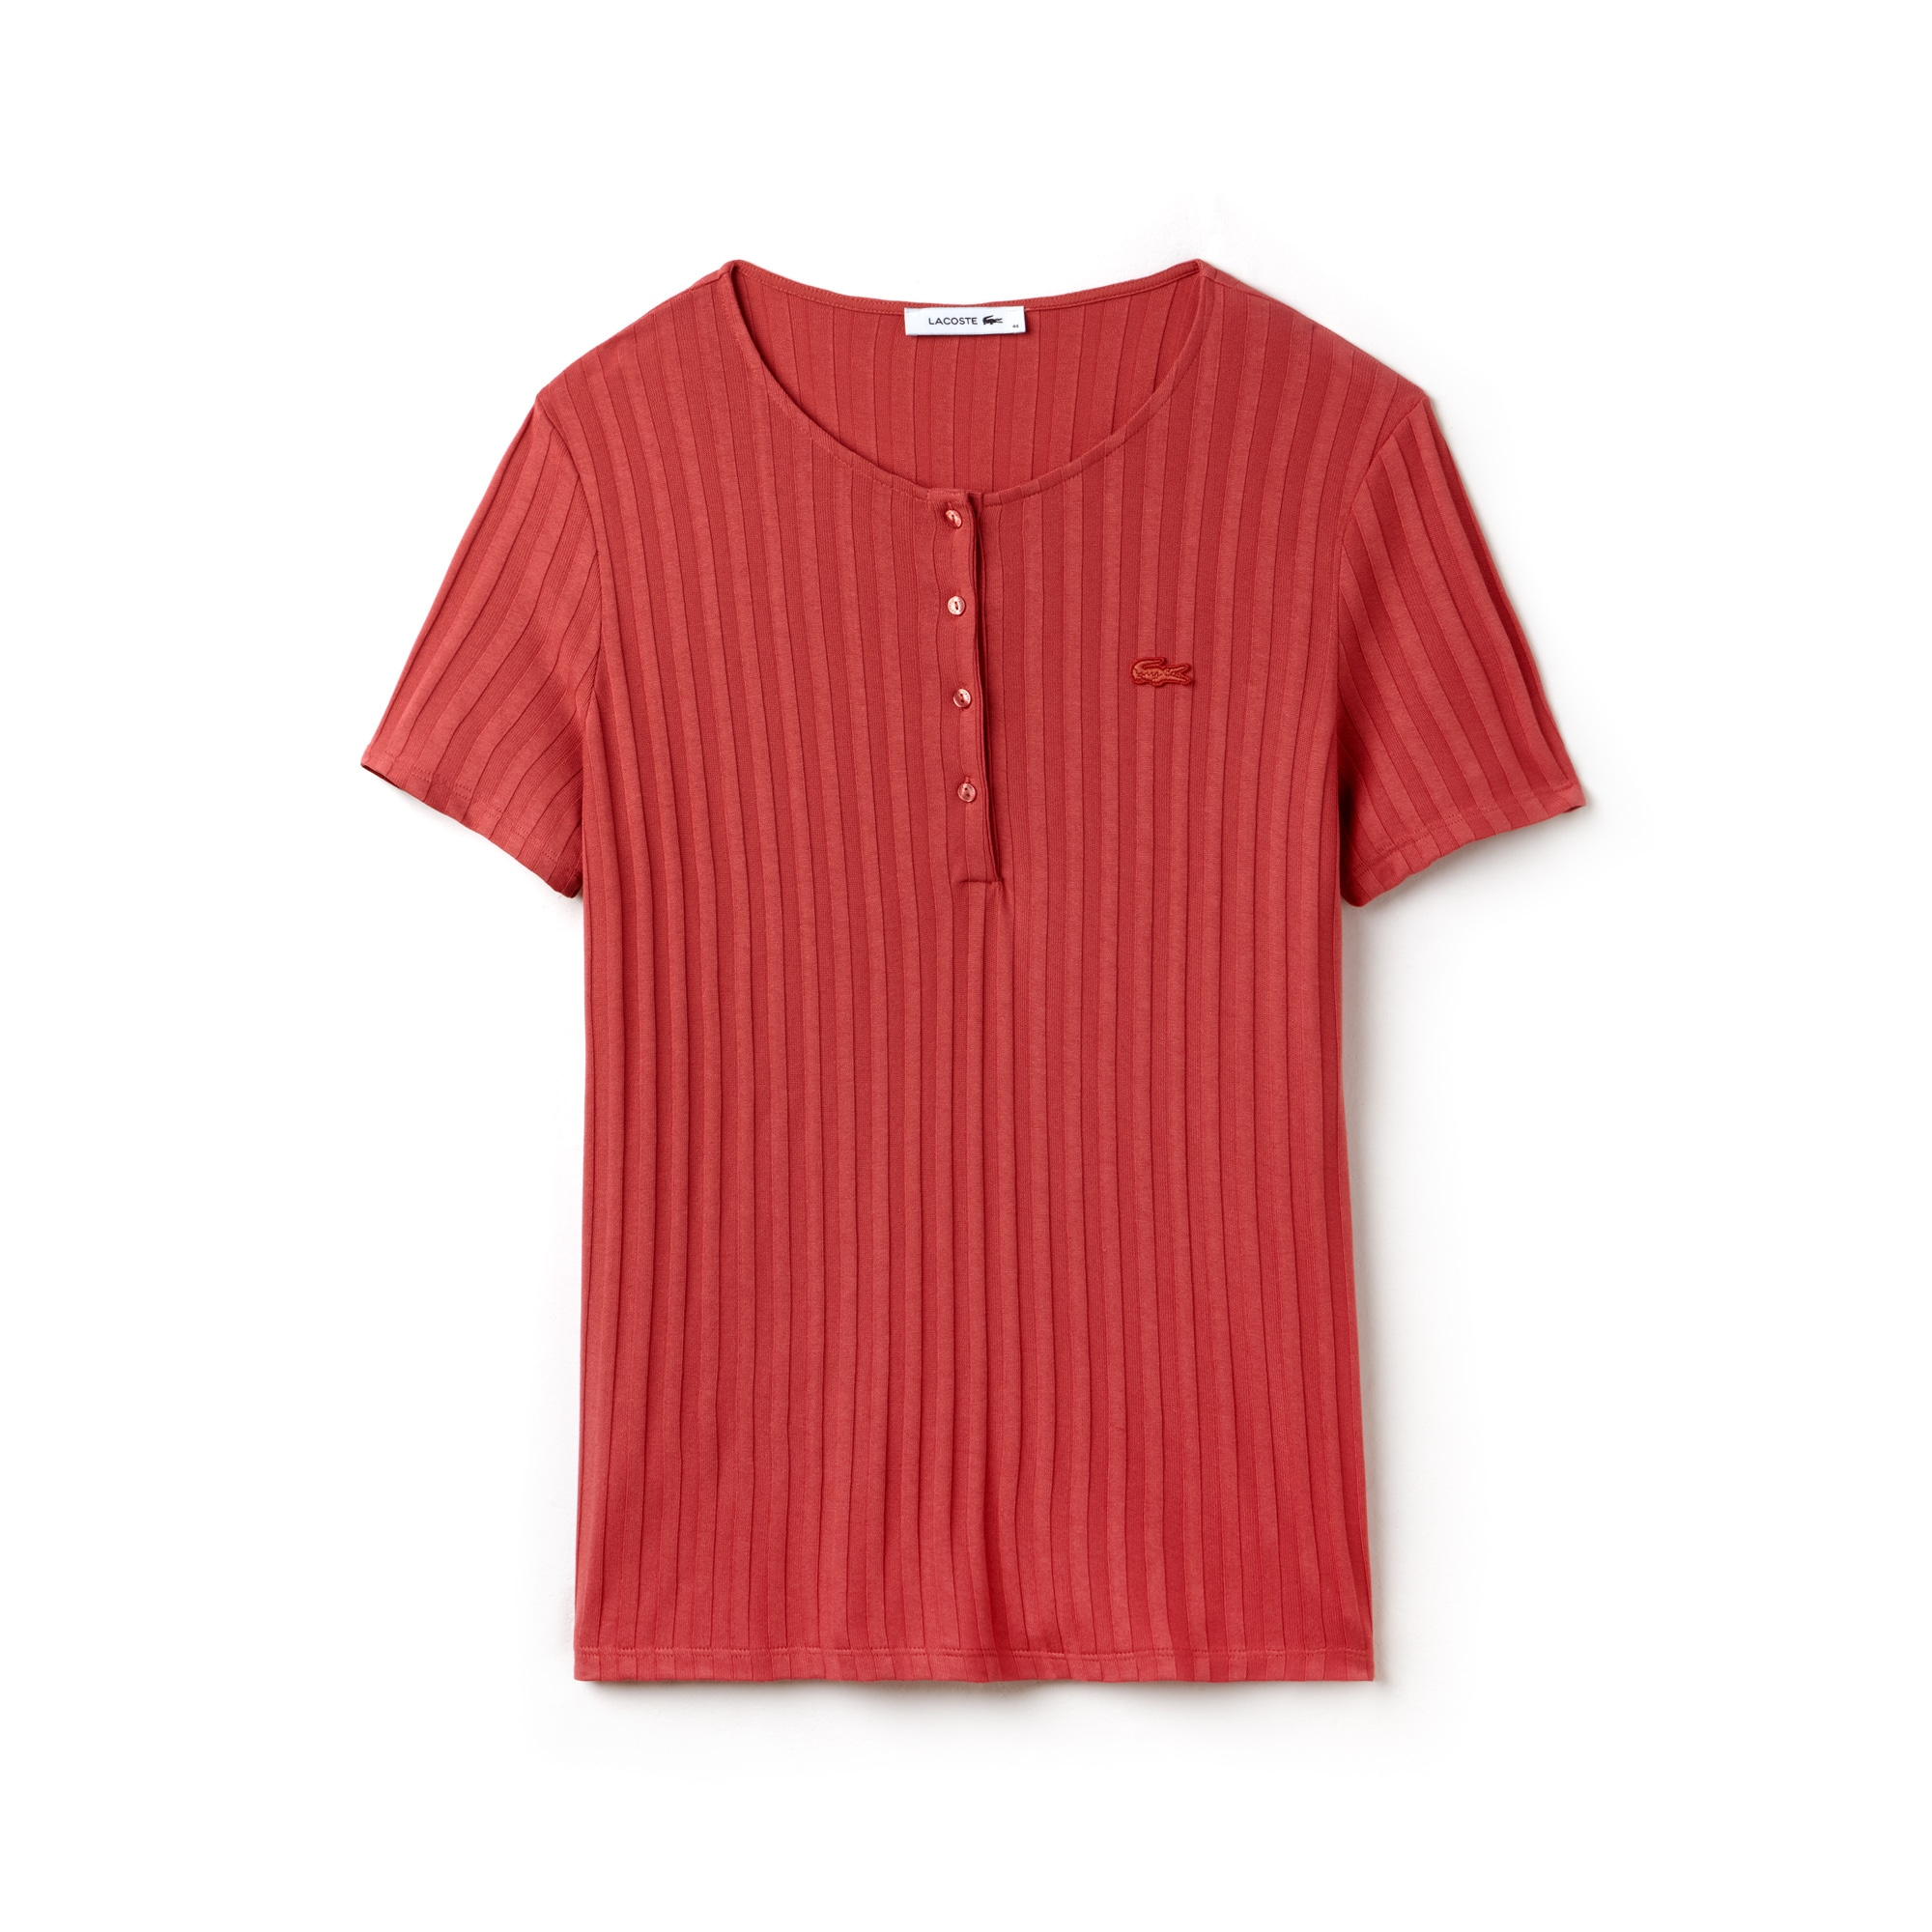 T-shirt gola henley em malha canelada unicolor